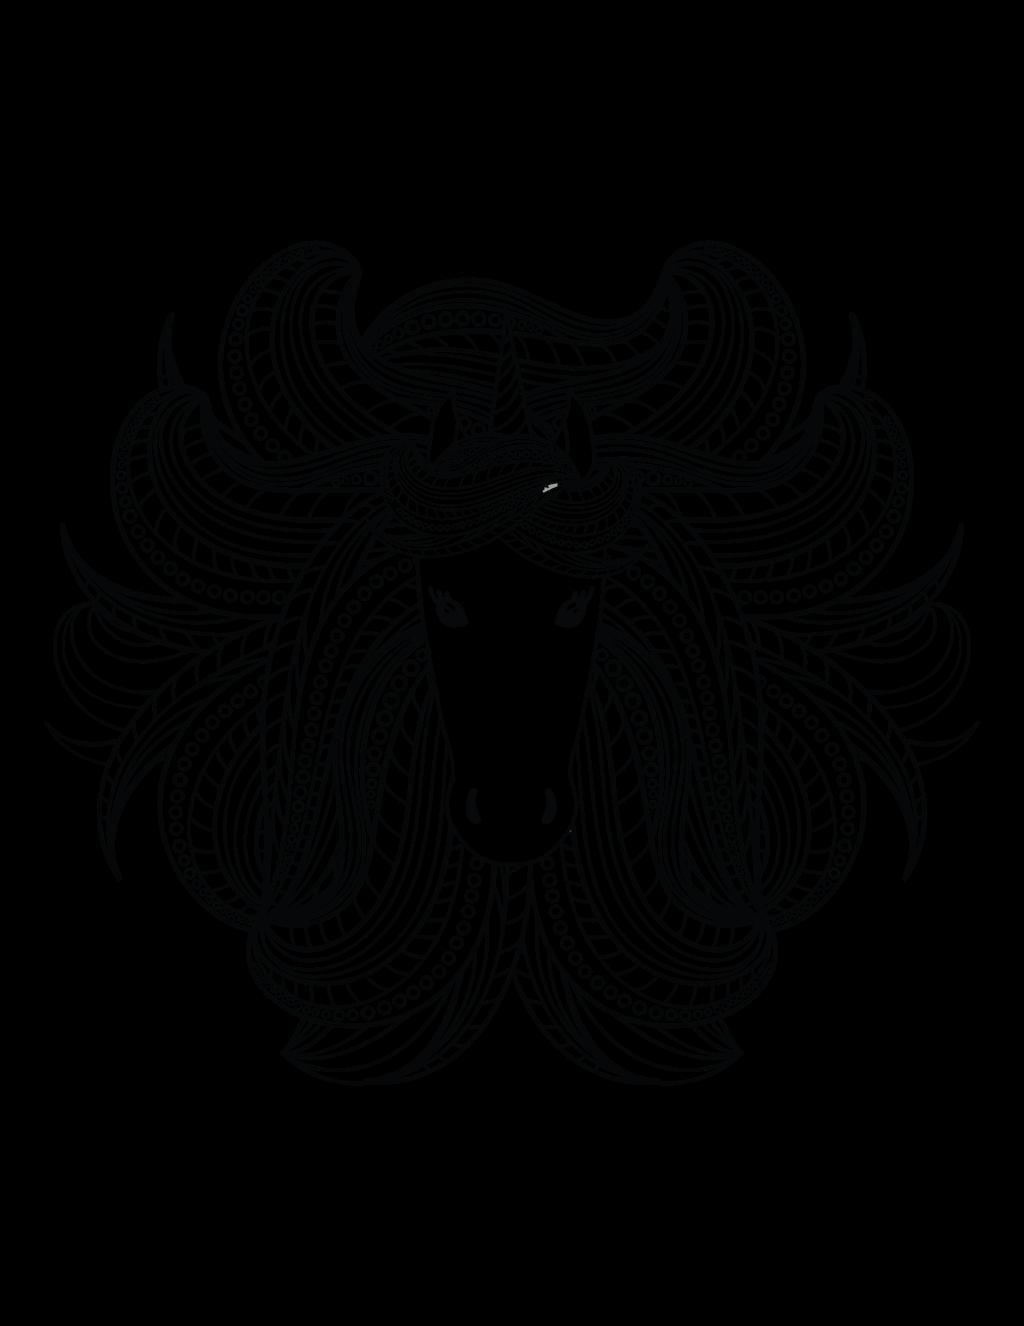 unicorn-kleurplaat-moeilijk-01